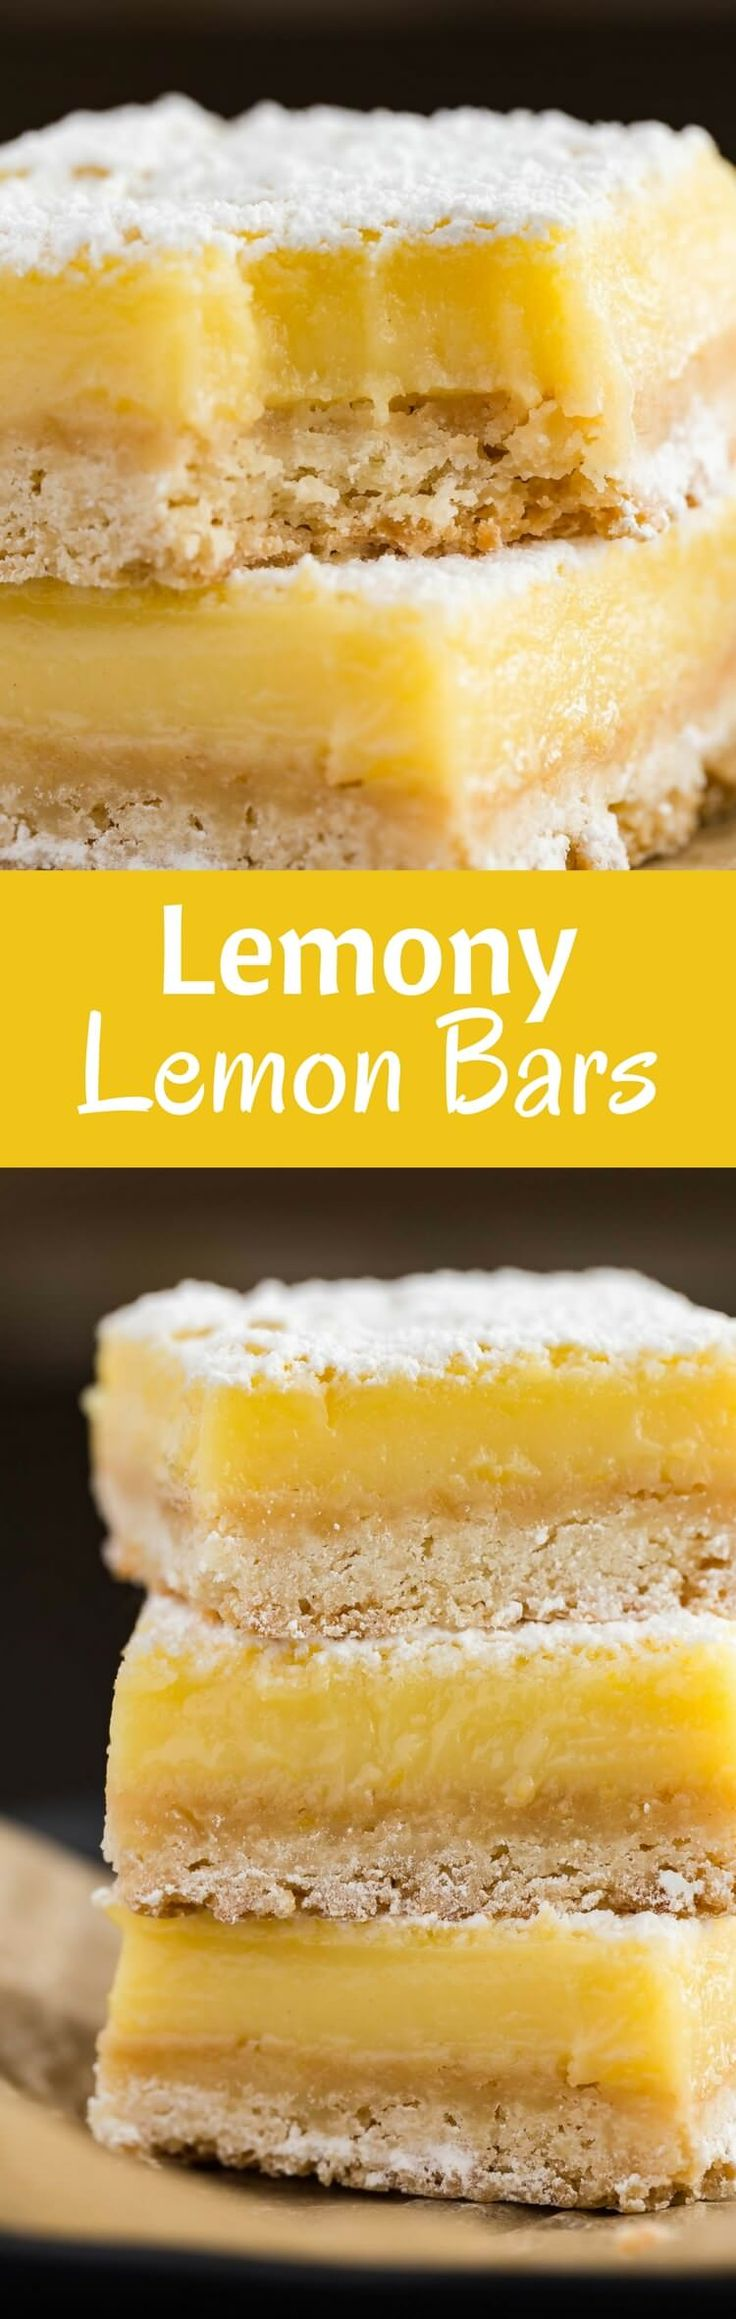 Lemon Bars Recipe | Dessert | Easy | Made from Scratch | Homemade via @introvertbaker